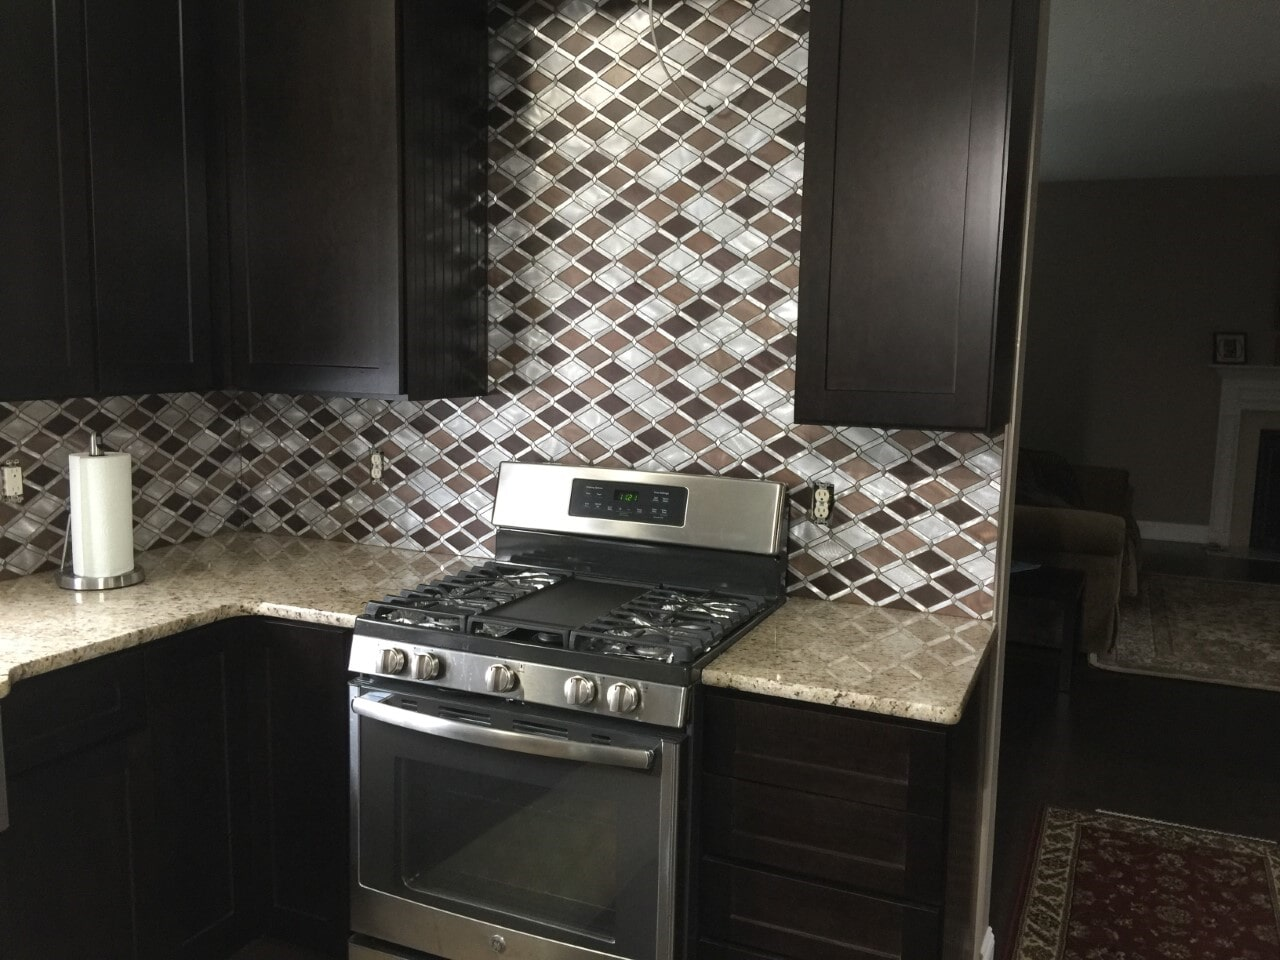 Kitchen tile backsplash by All Surface Flooring servicing Ellisville MO